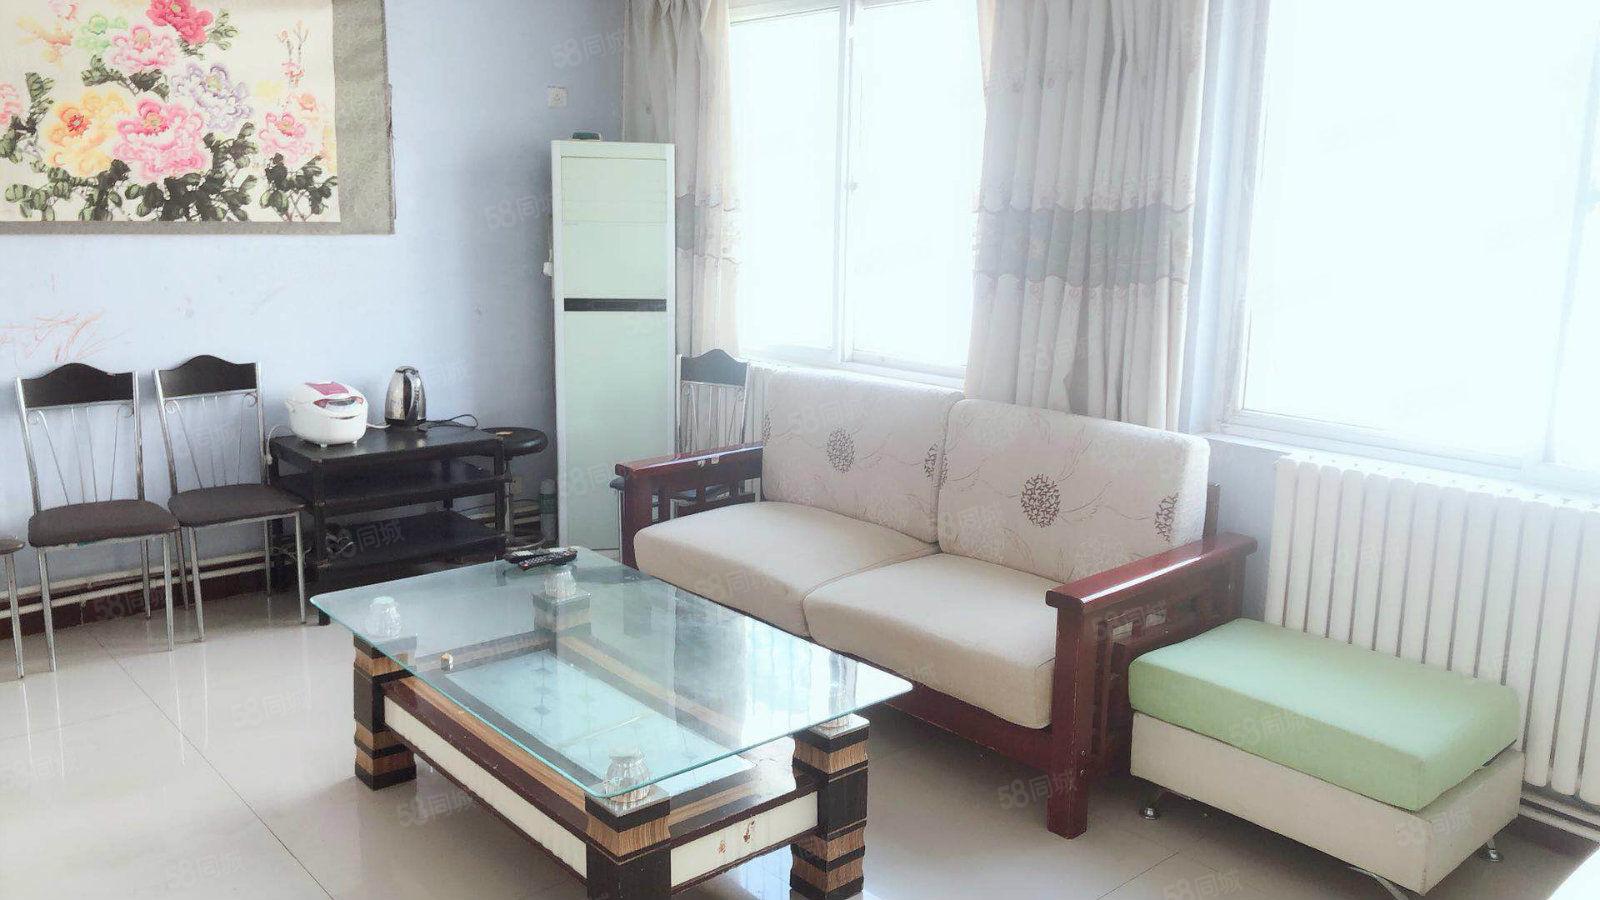 整租五环小区精装一室随时看房拎包入住万达泰和家